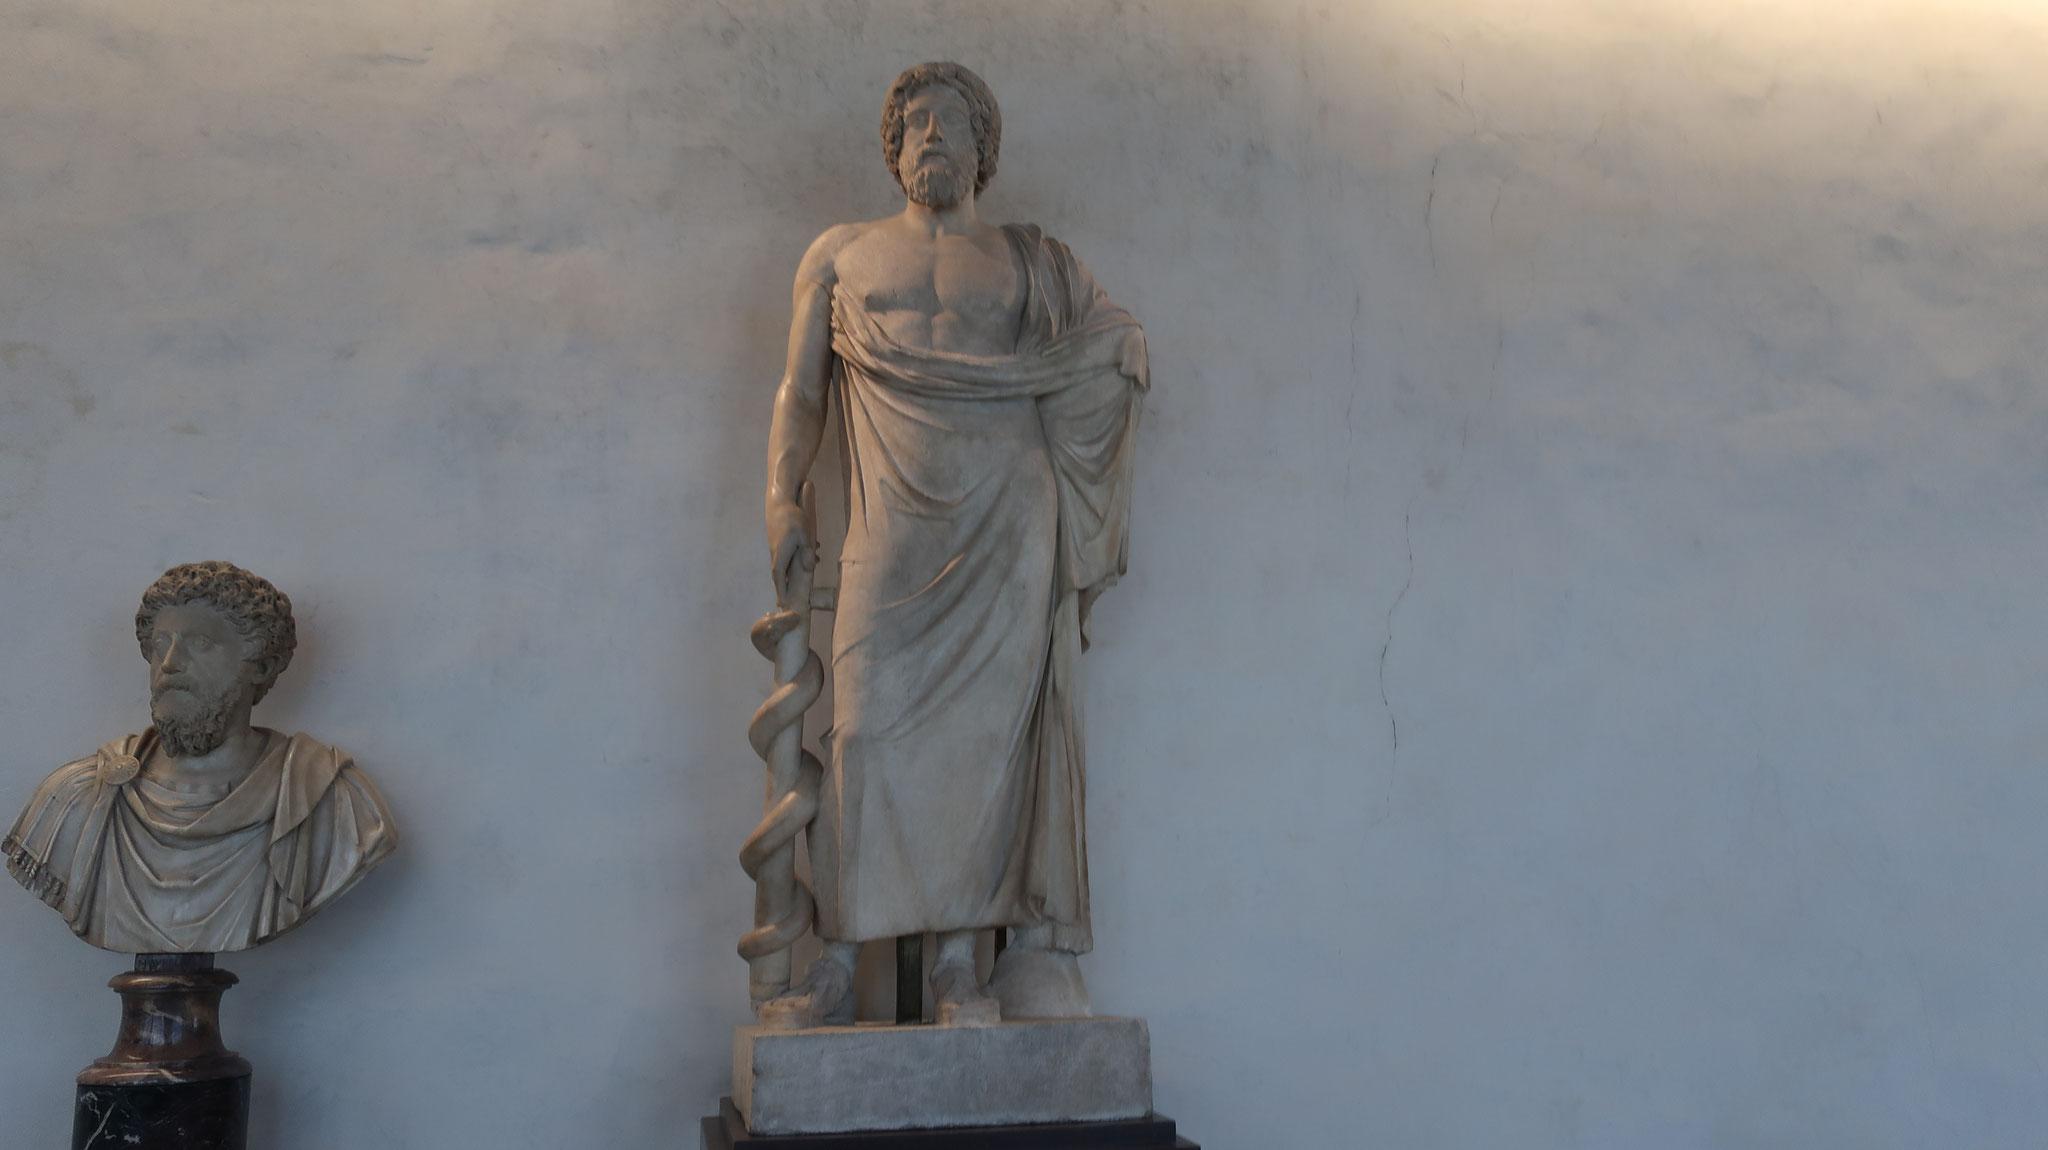 ギリシャ神話の医神「アスクレピオス」彫像。右手には蛇が巻き付いた杖を持ちます。蛇は生命の象徴です。